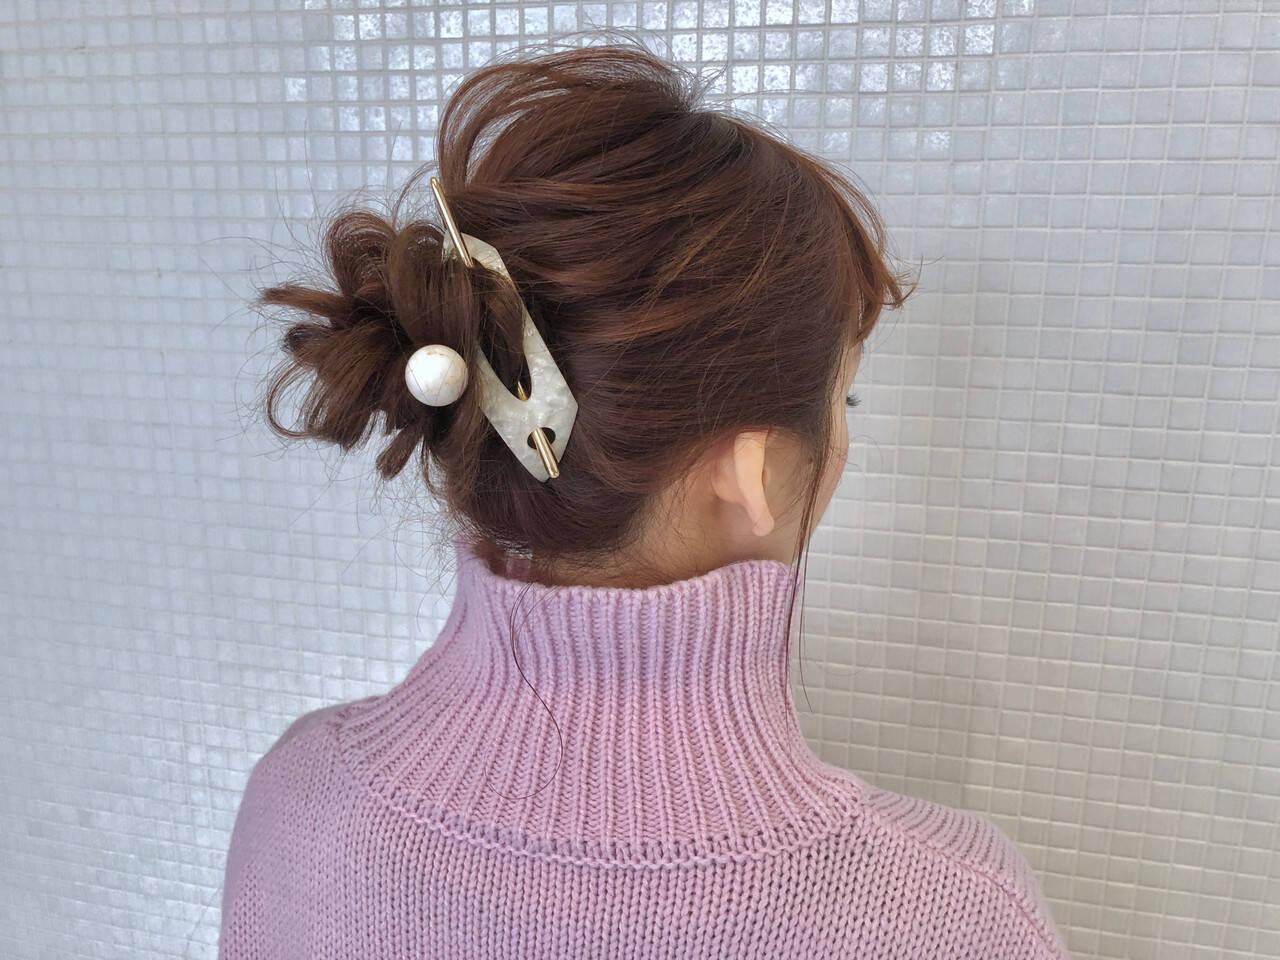 簡単ヘアアレンジ お団子アレンジ ロング お団子ヘアヘアスタイルや髪型の写真・画像